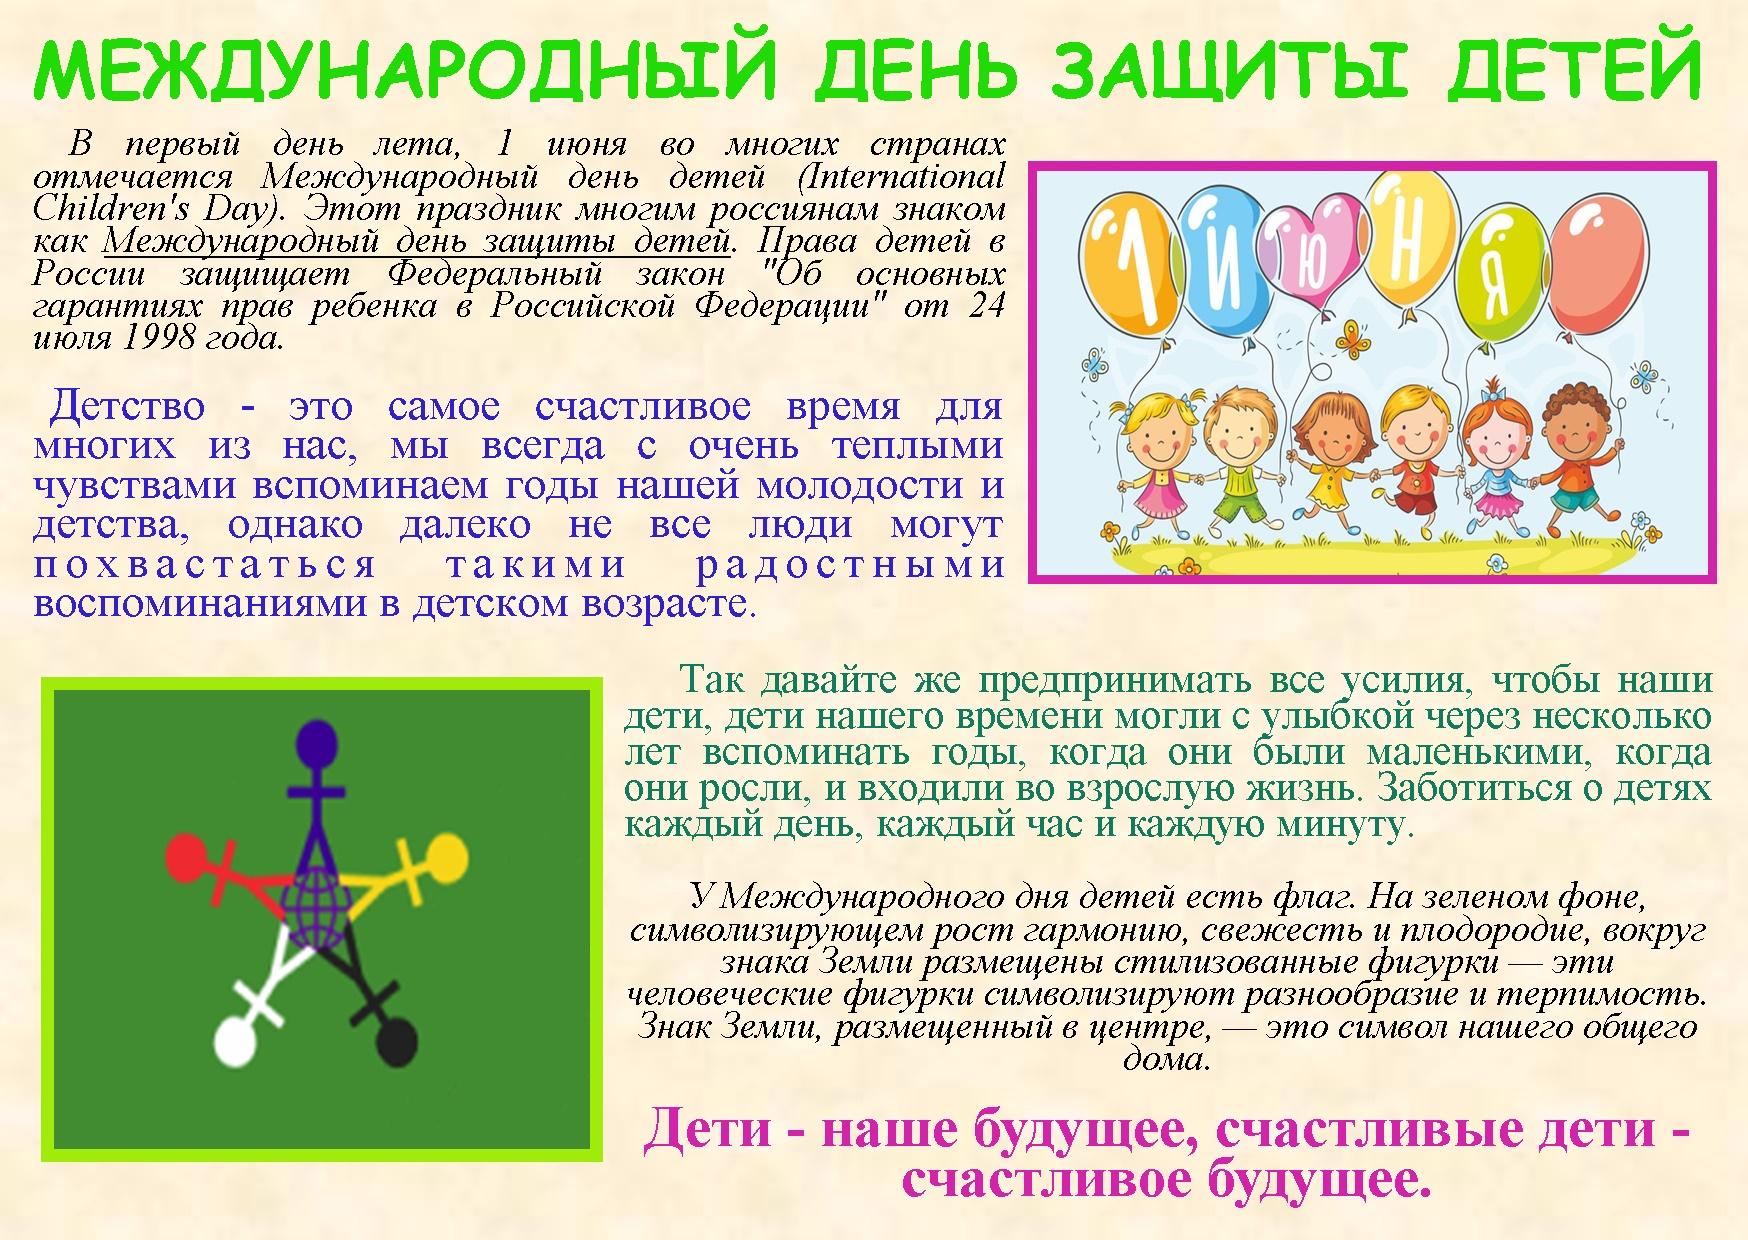 Международный день защиты детей в 2019 году: 1 июня встанем на защиту детства